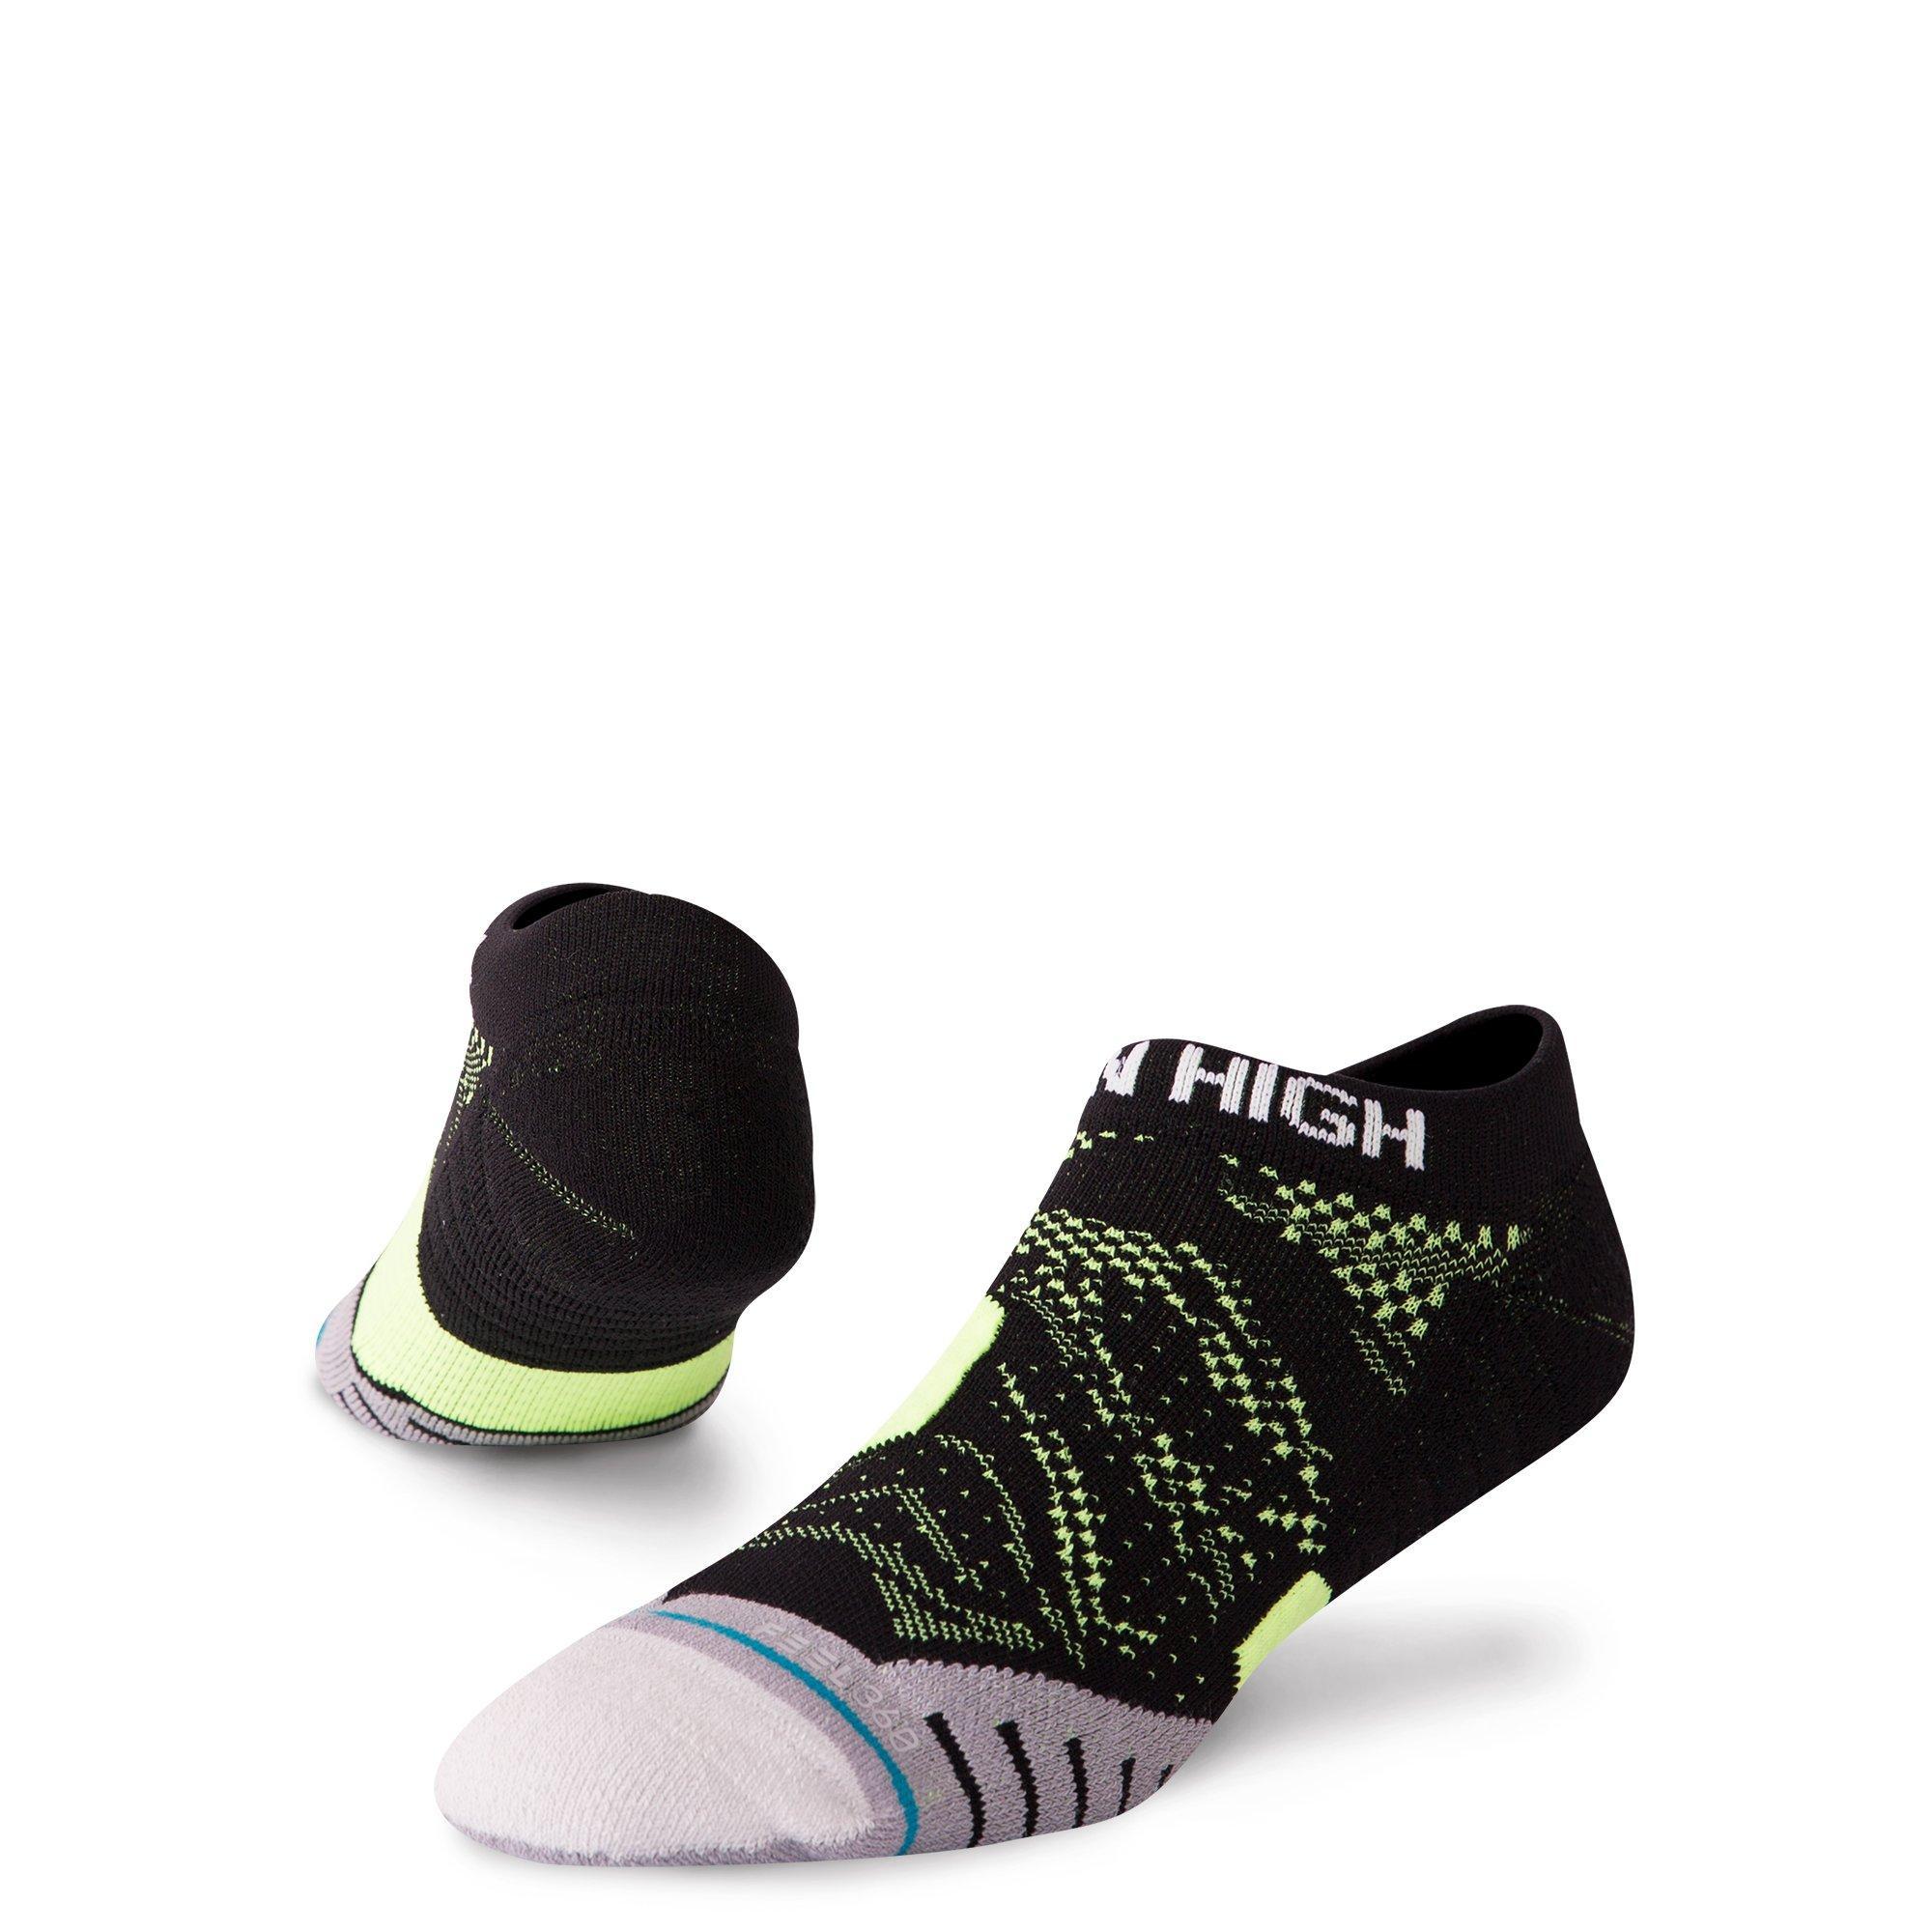 Men's Techshot Low Socks